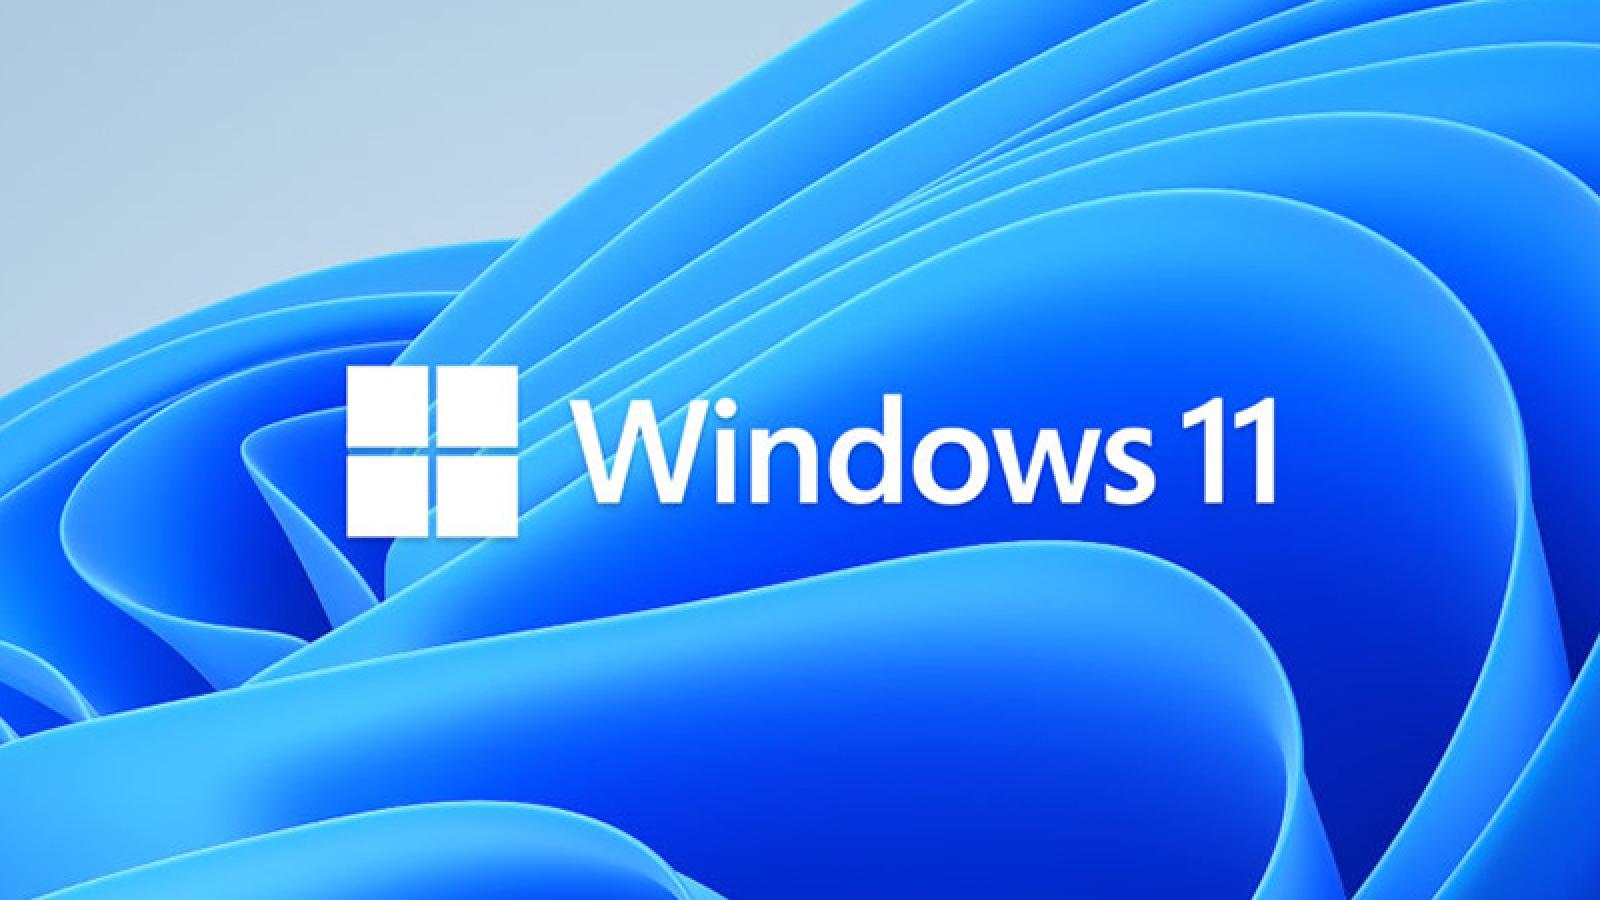 Windows 11 chạy tốt trên điện thoại Nokia đã 6 năm